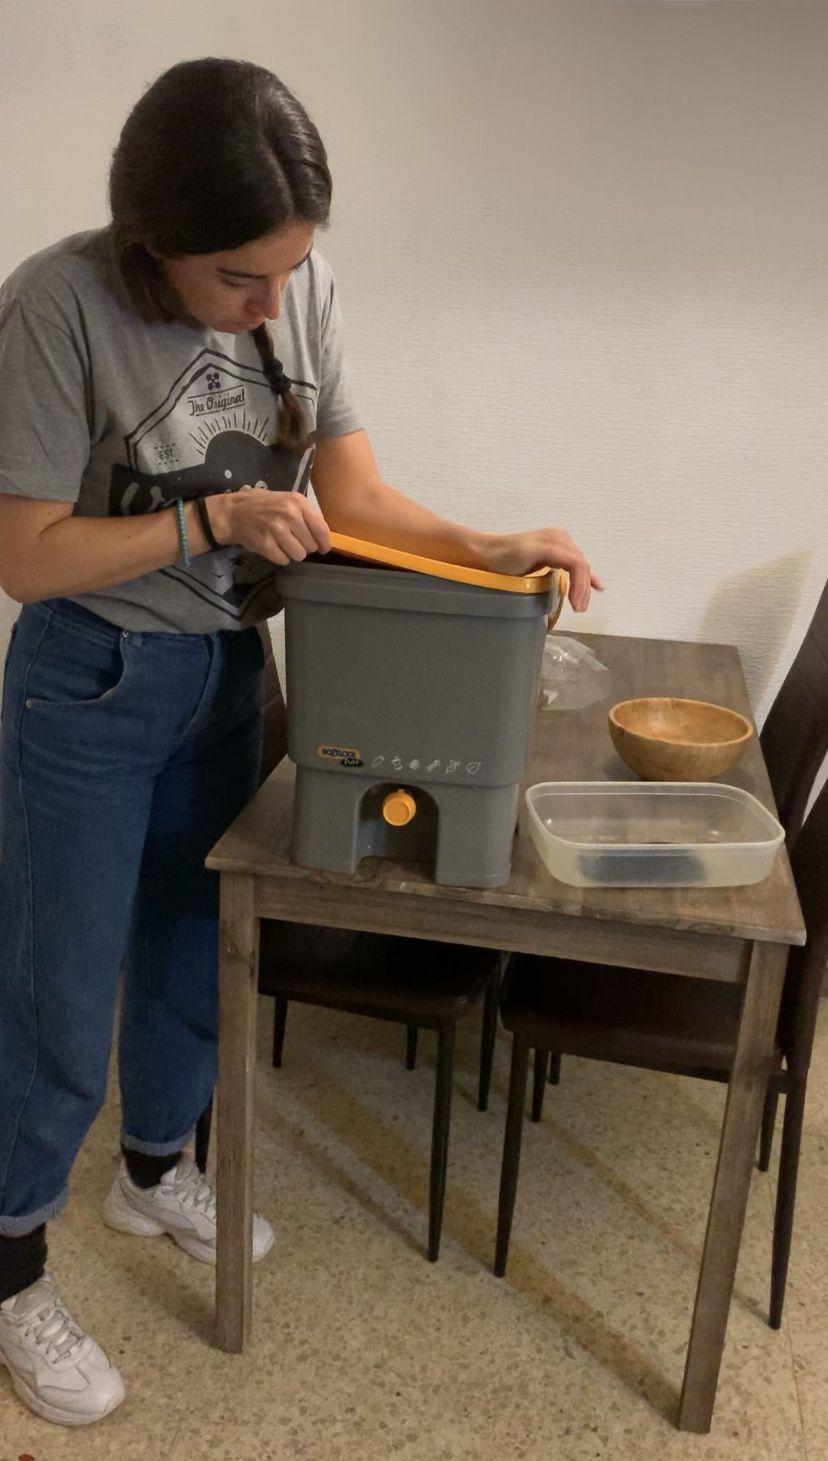 5. Cierra el cubo herméticamente para que no entre aire y los alimentos se fermenten.